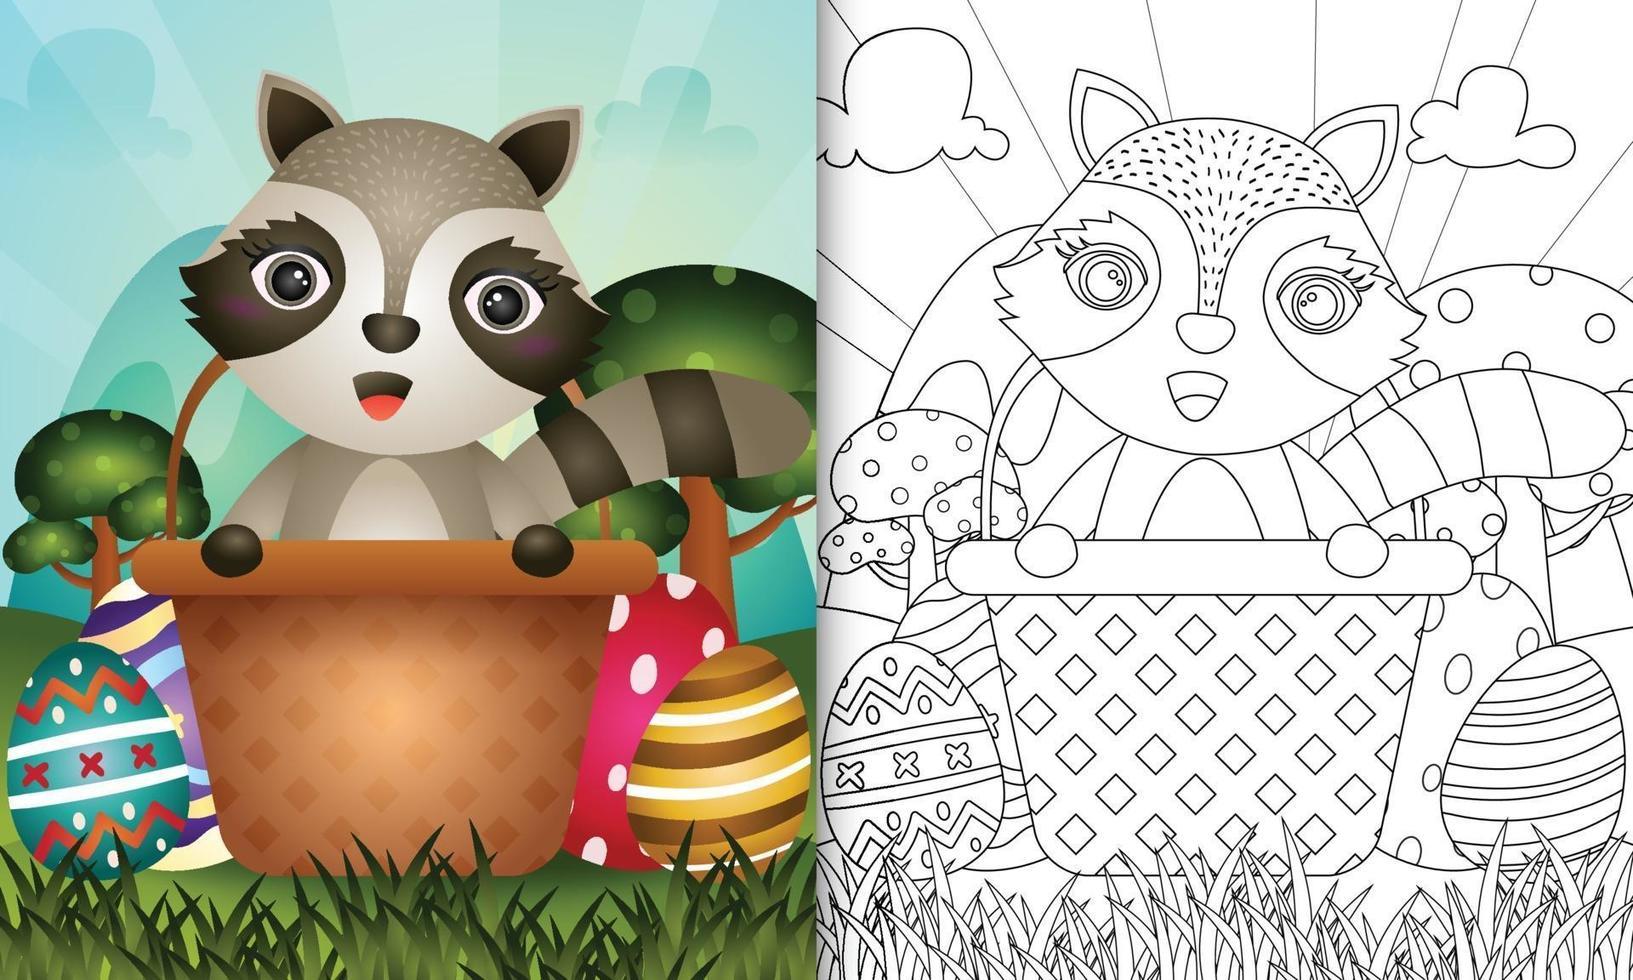 livro de colorir para crianças com tema feliz dia de páscoa com ilustração de um guaxinim fofo no ovo balde vetor